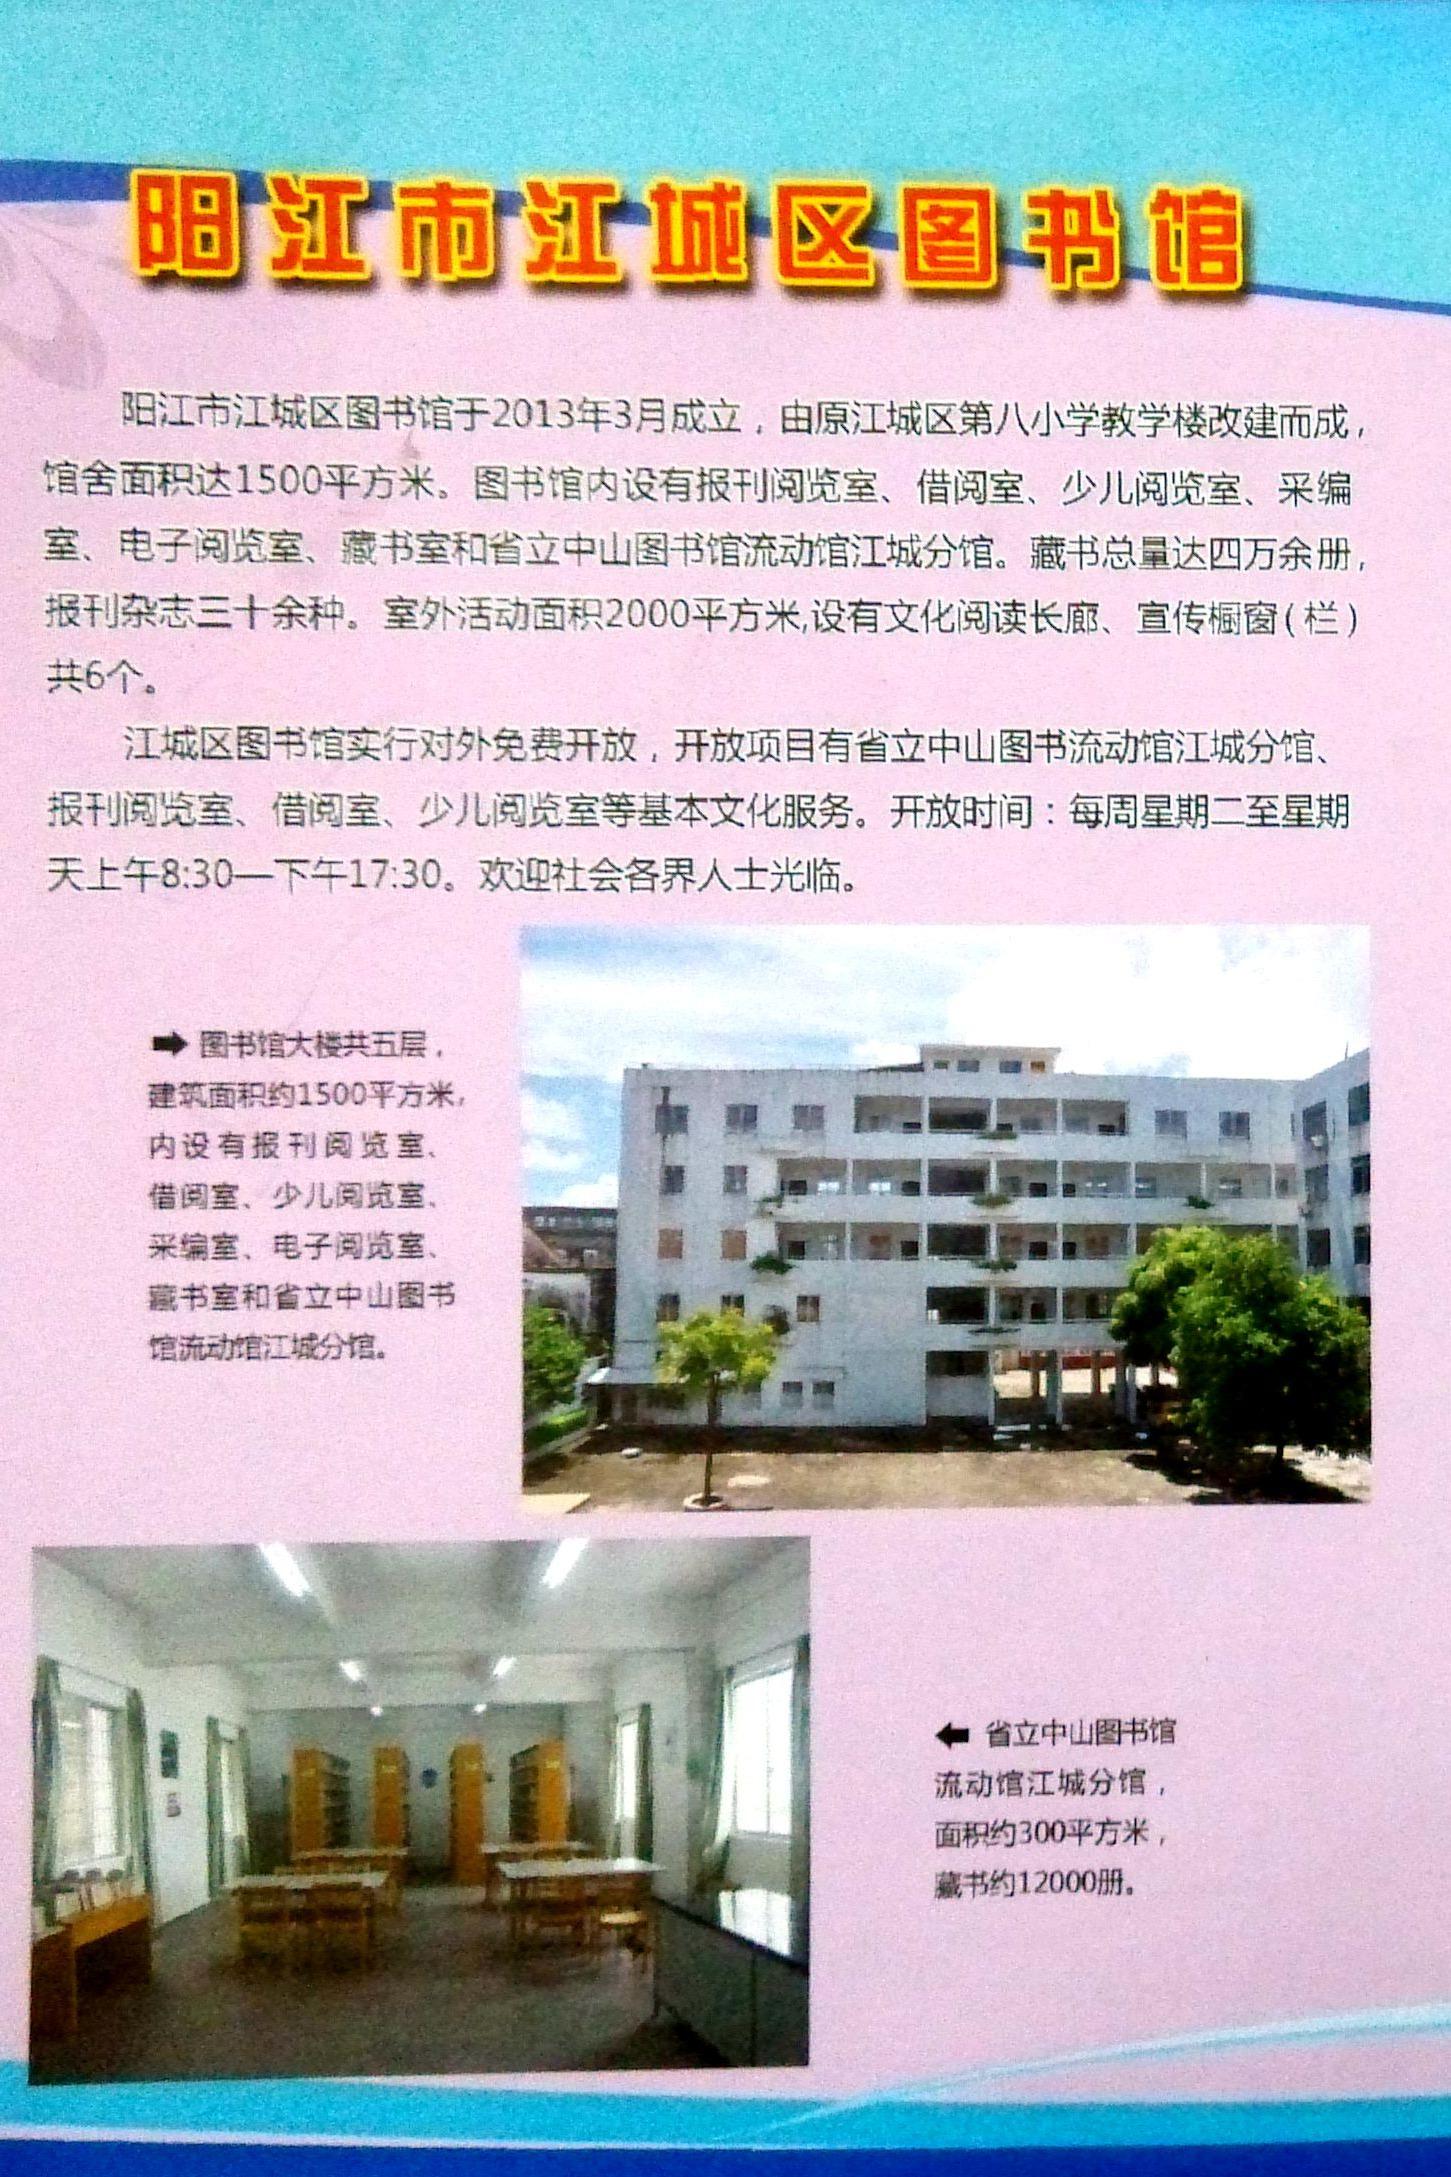 江城区图书馆世界读书日系列活动